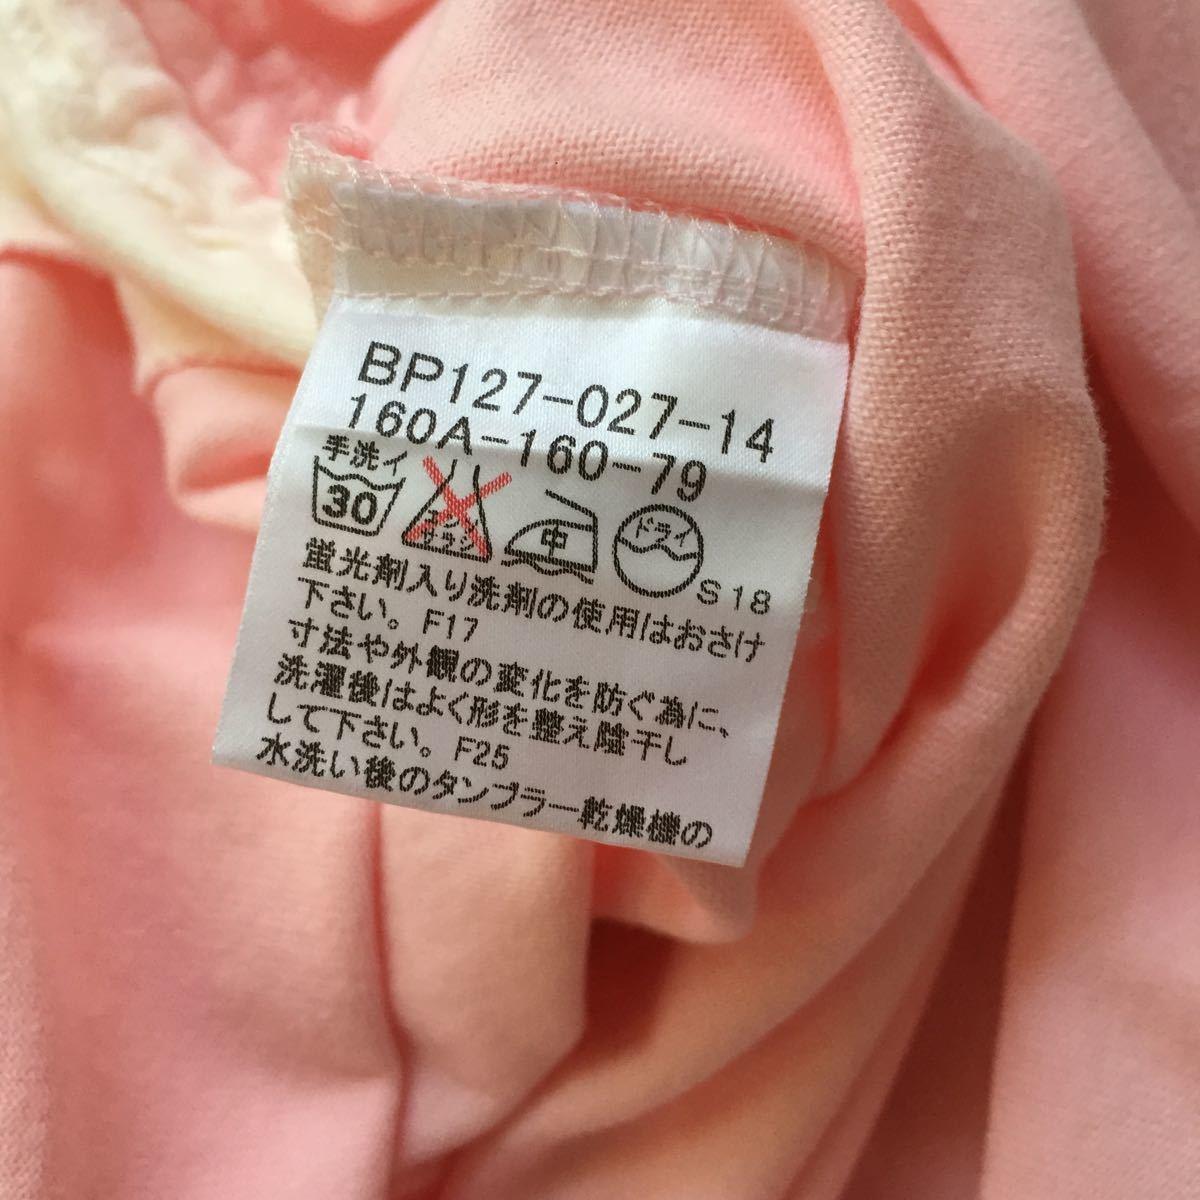 未使用 未着 BURBERRY LONDON バーバリー 綿100 ホース刺繍付き 可愛い長袖Tシャツ サイズ160A オフ白×ピンク 日本製 三陽商会_画像4